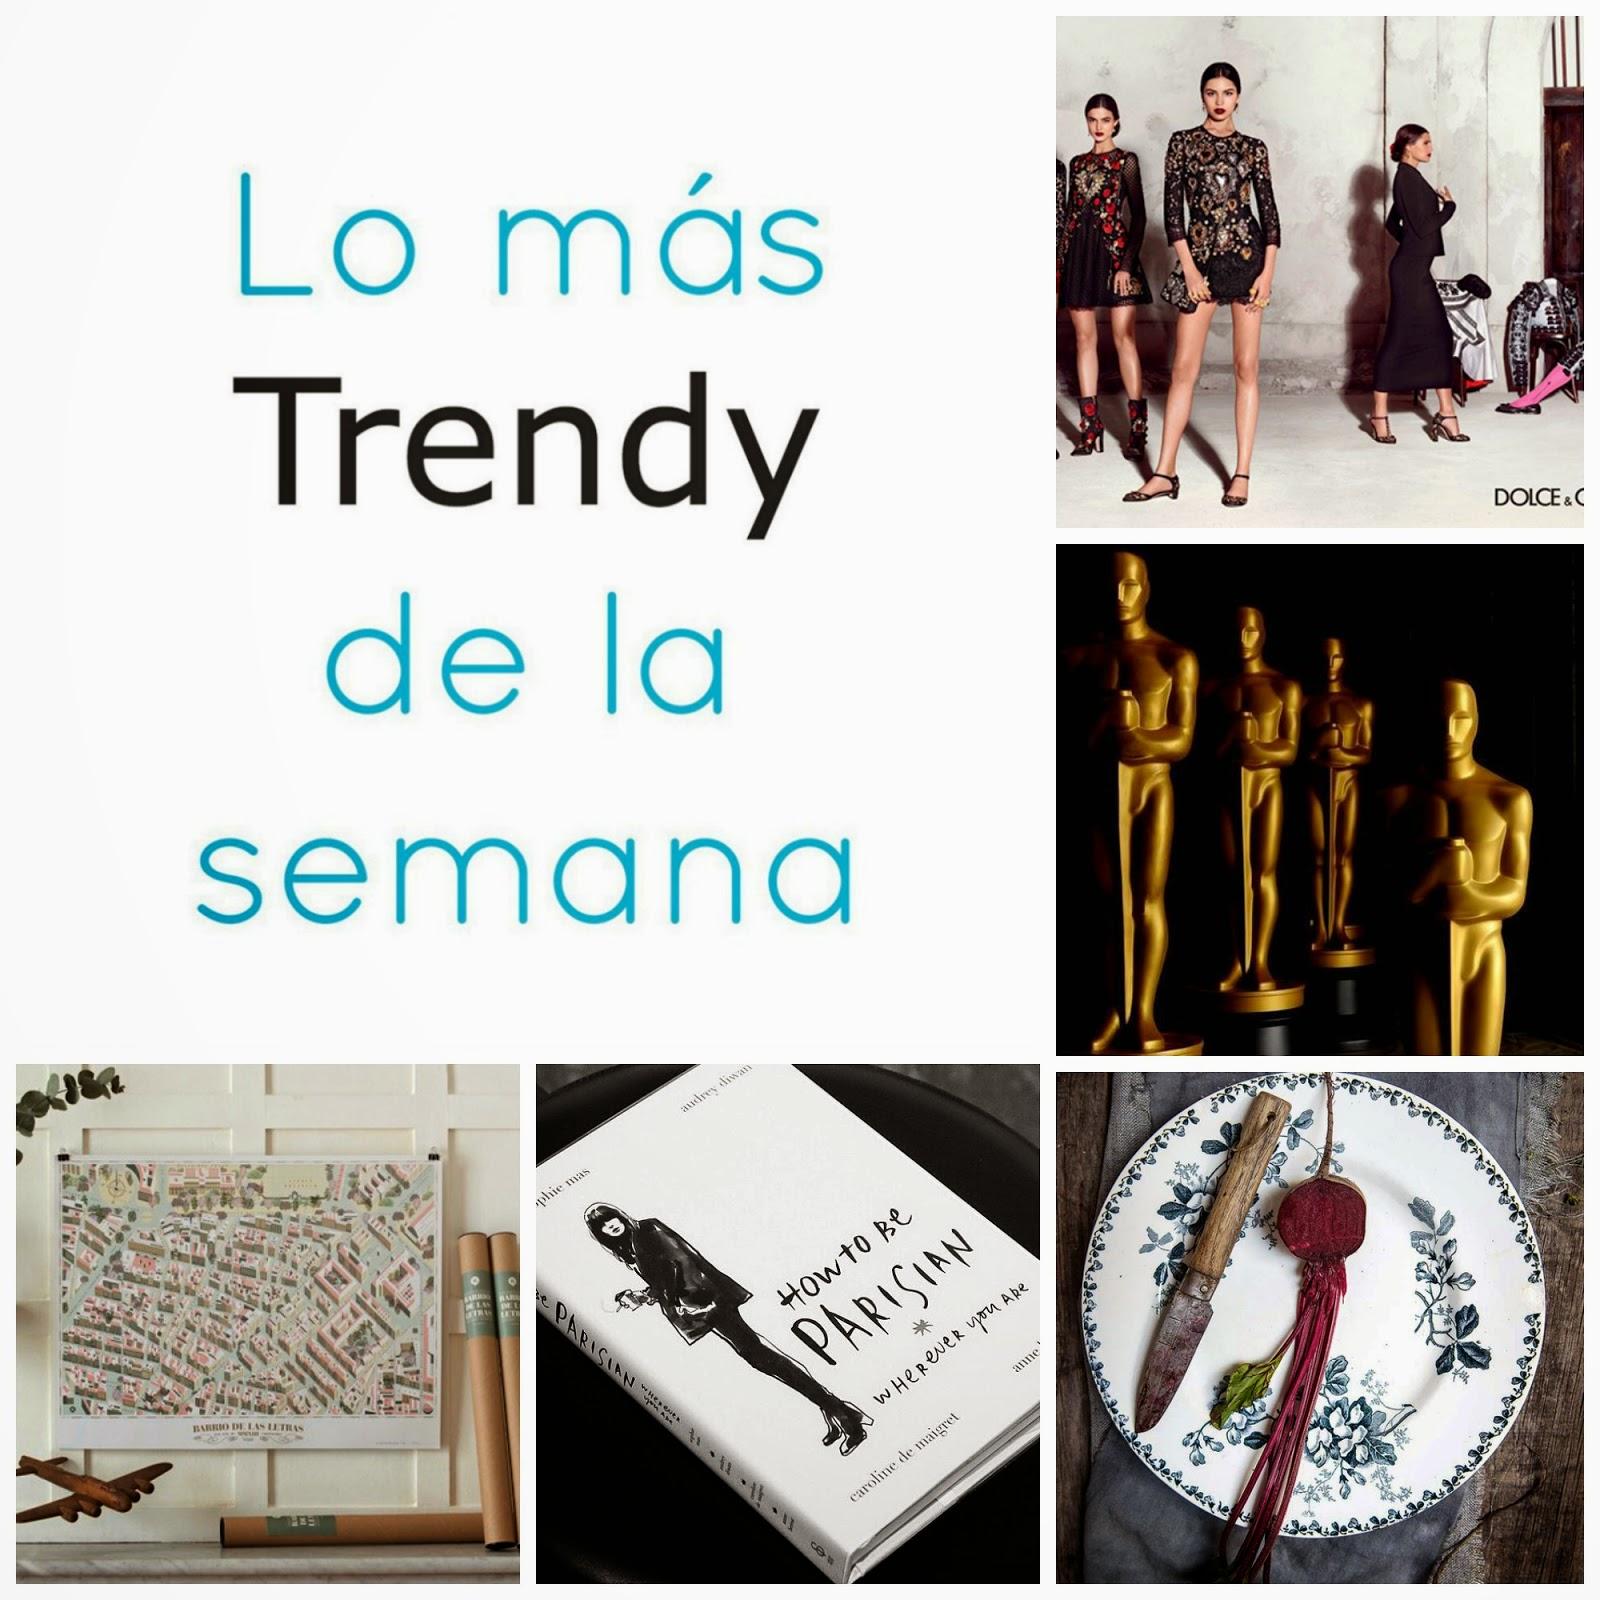 Recomendaciones Planes Madrid Trendy moda arte libros Paris estilo chic